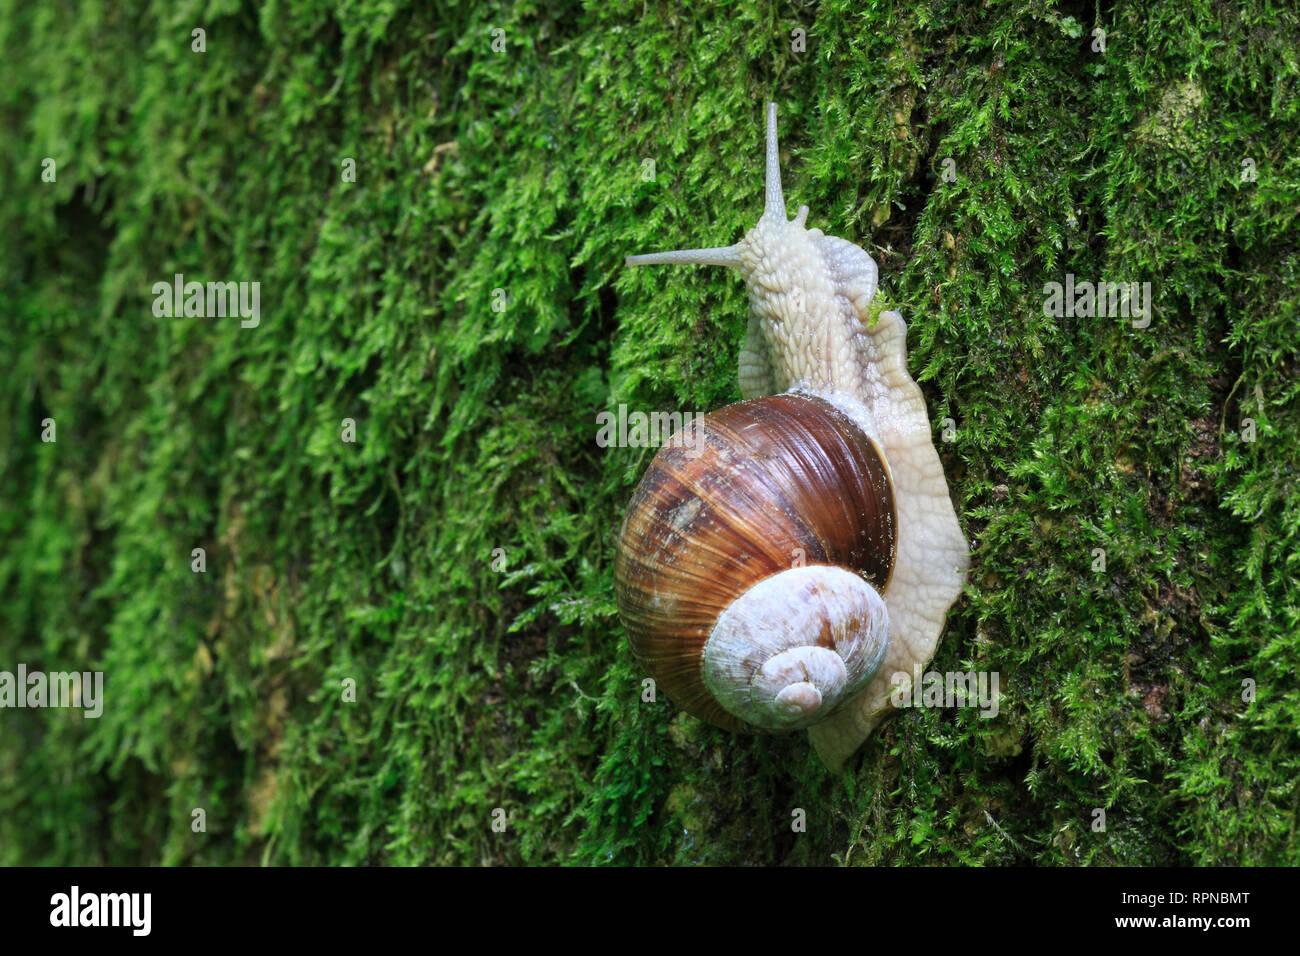 Escargot Snail Stock Photos & Escargot Snail Stock Images - Alamy